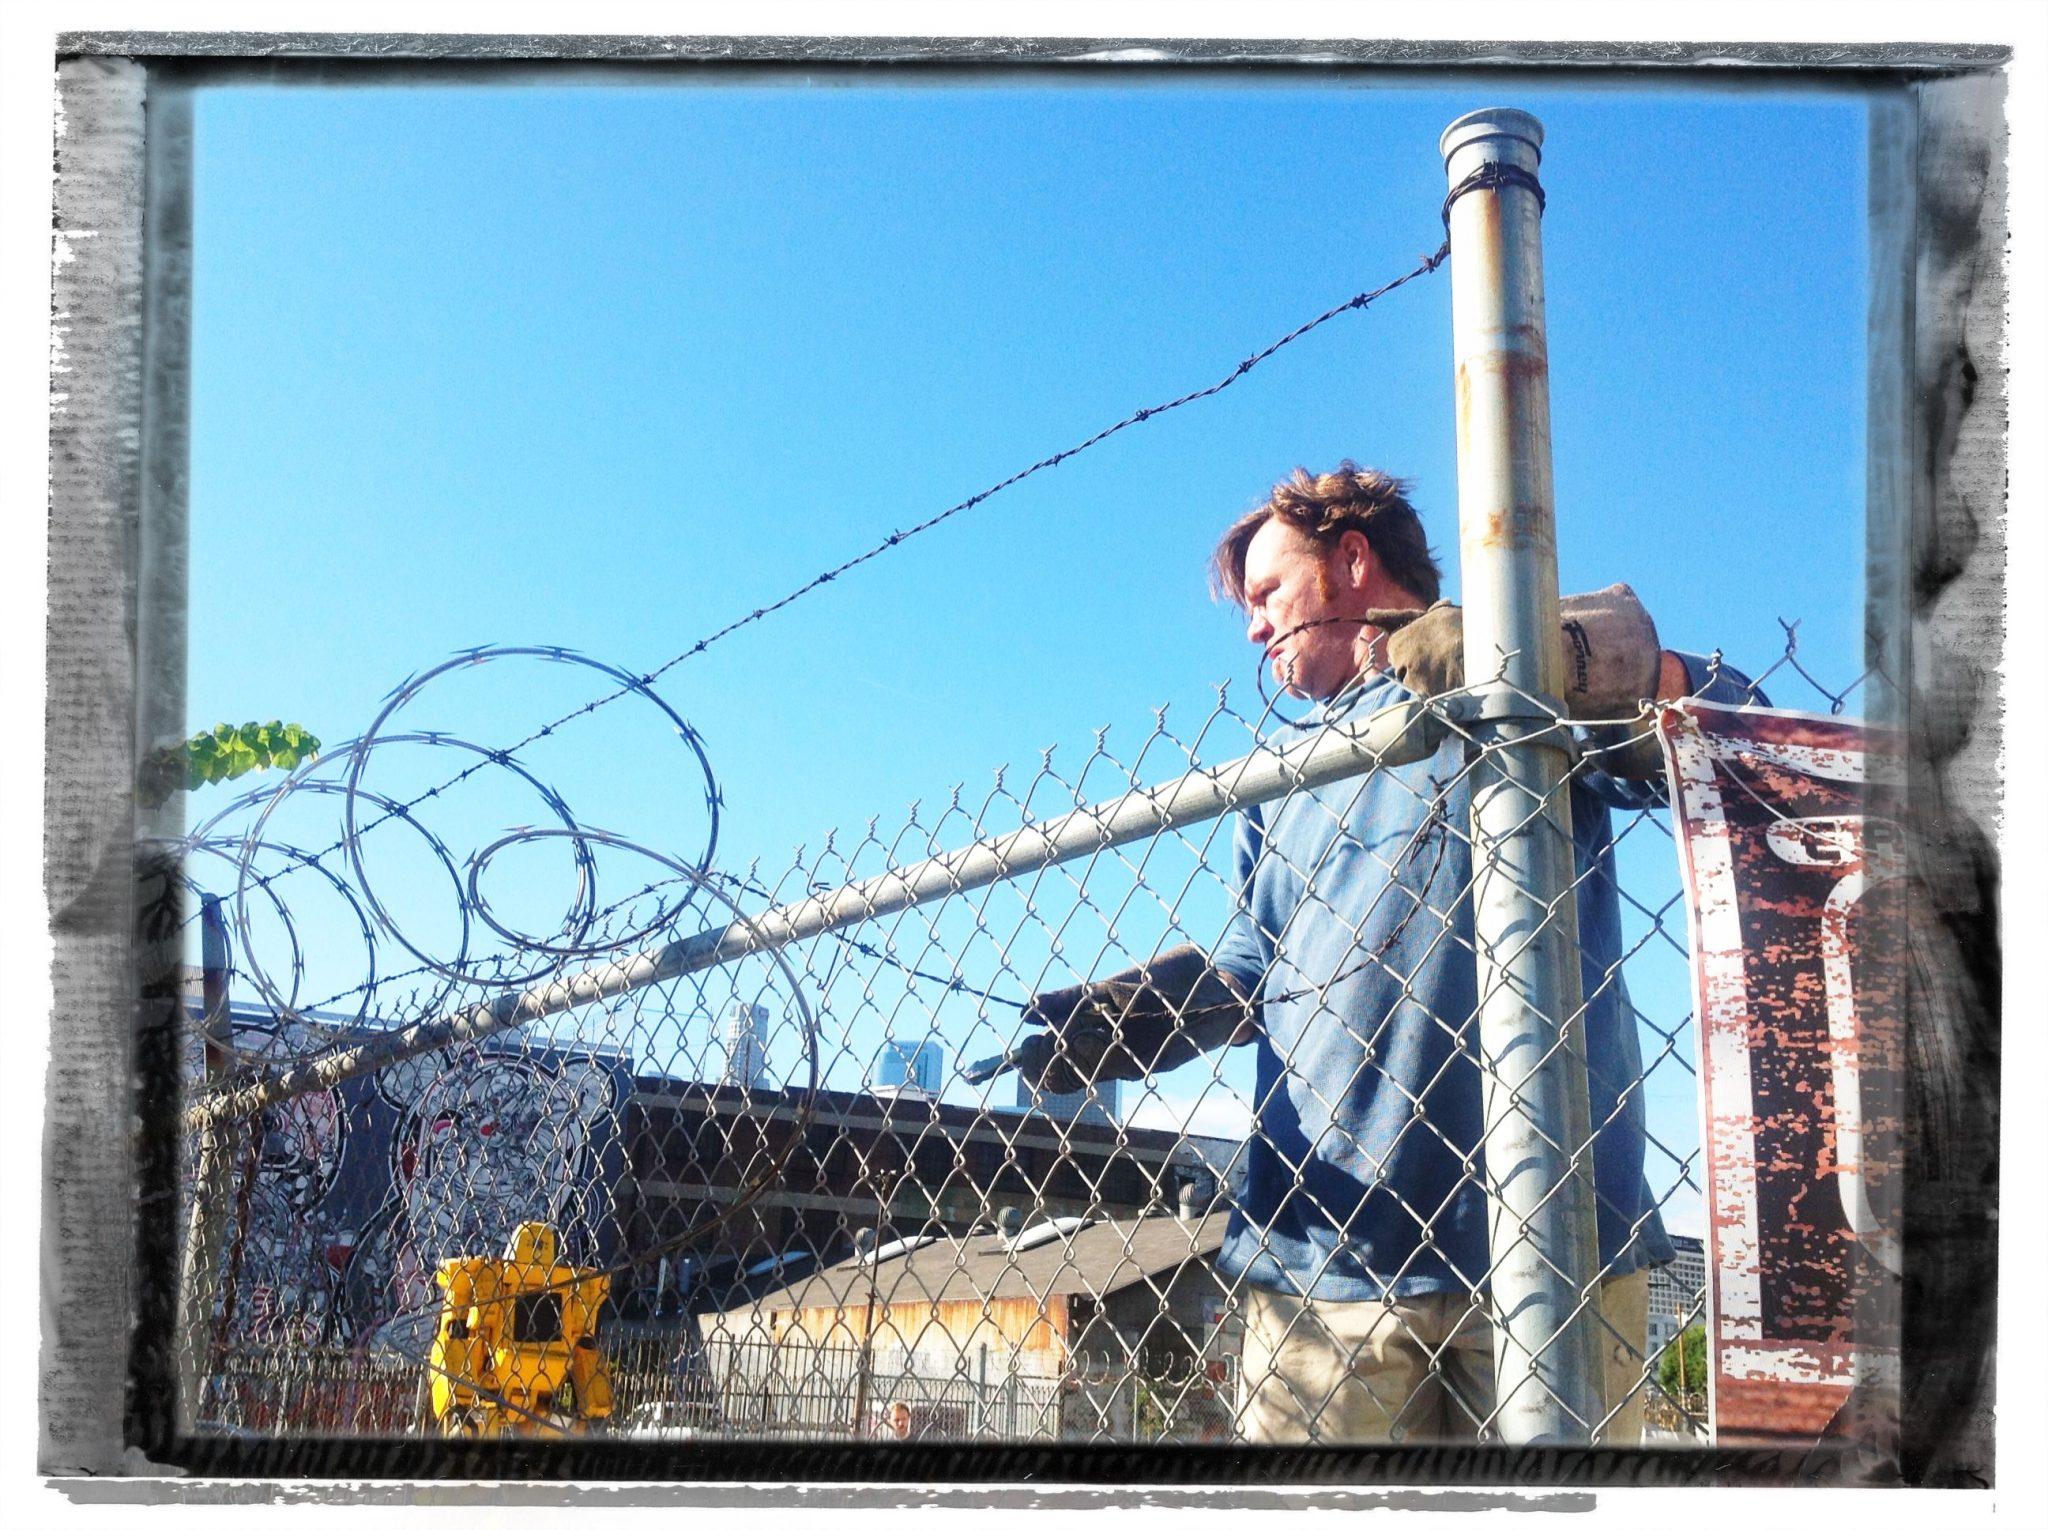 Local Artist removes razor wire - November 19, 2012